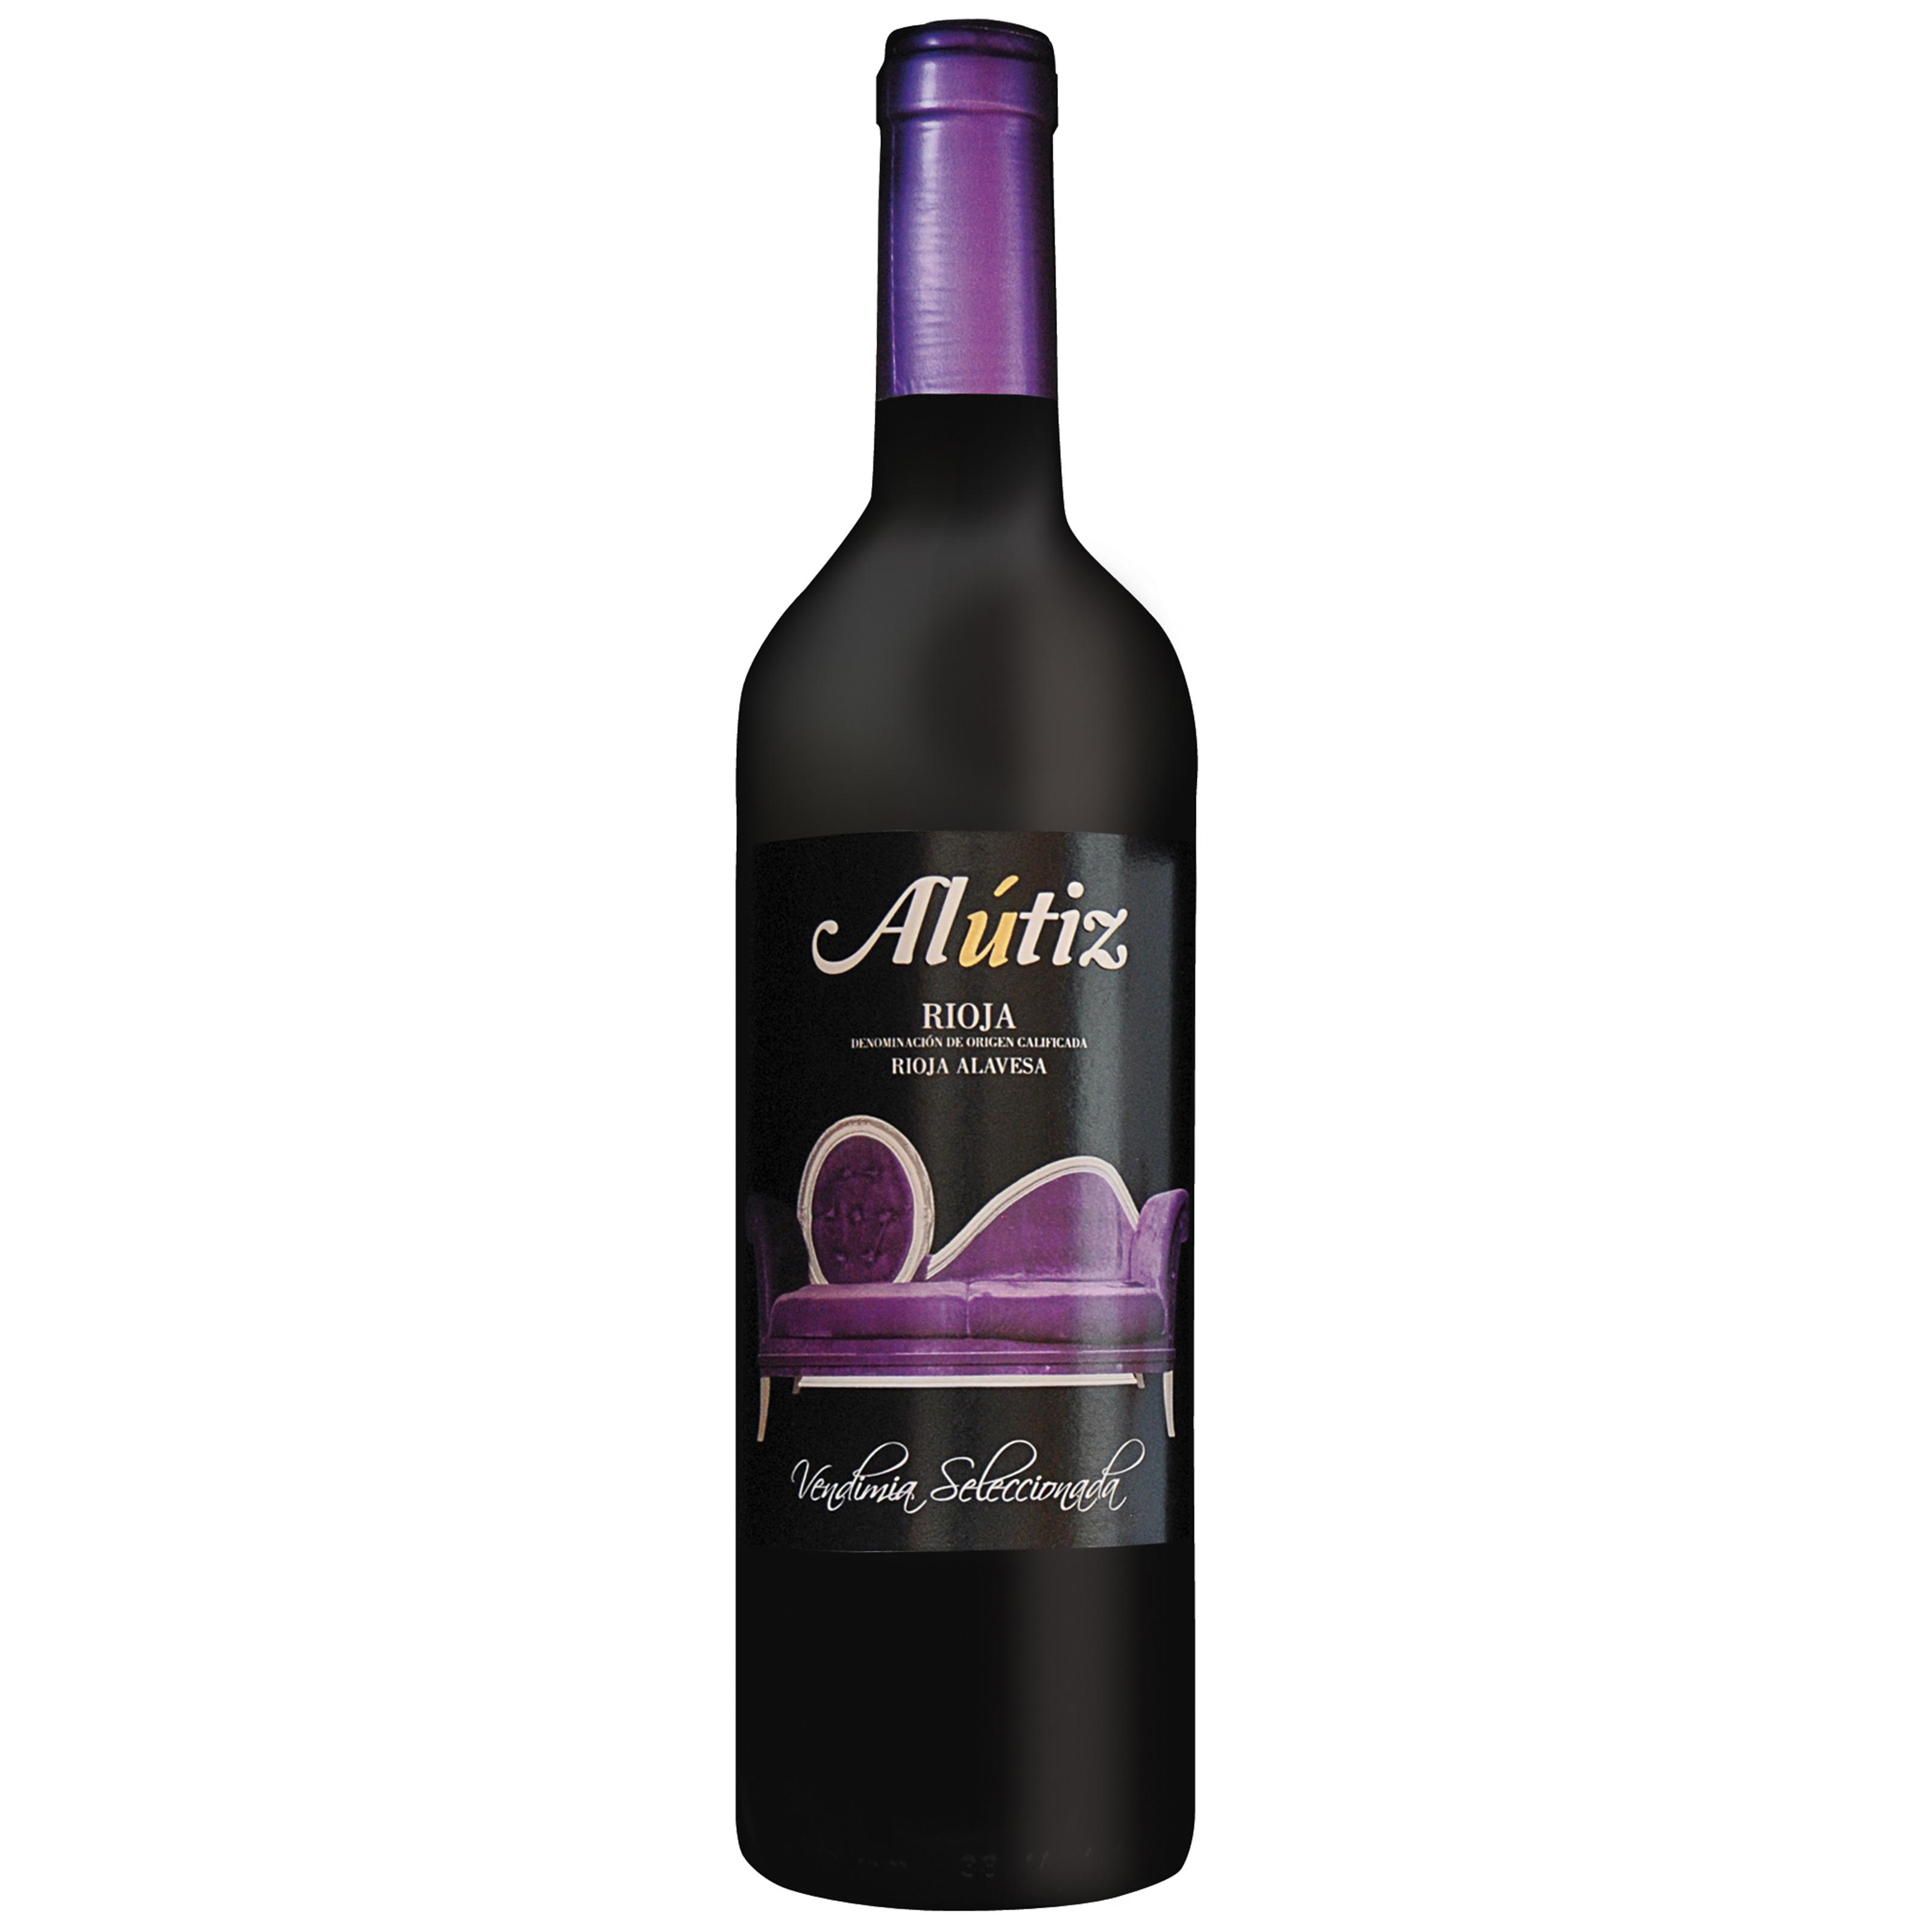 botella alutiz vendimia seleccionada